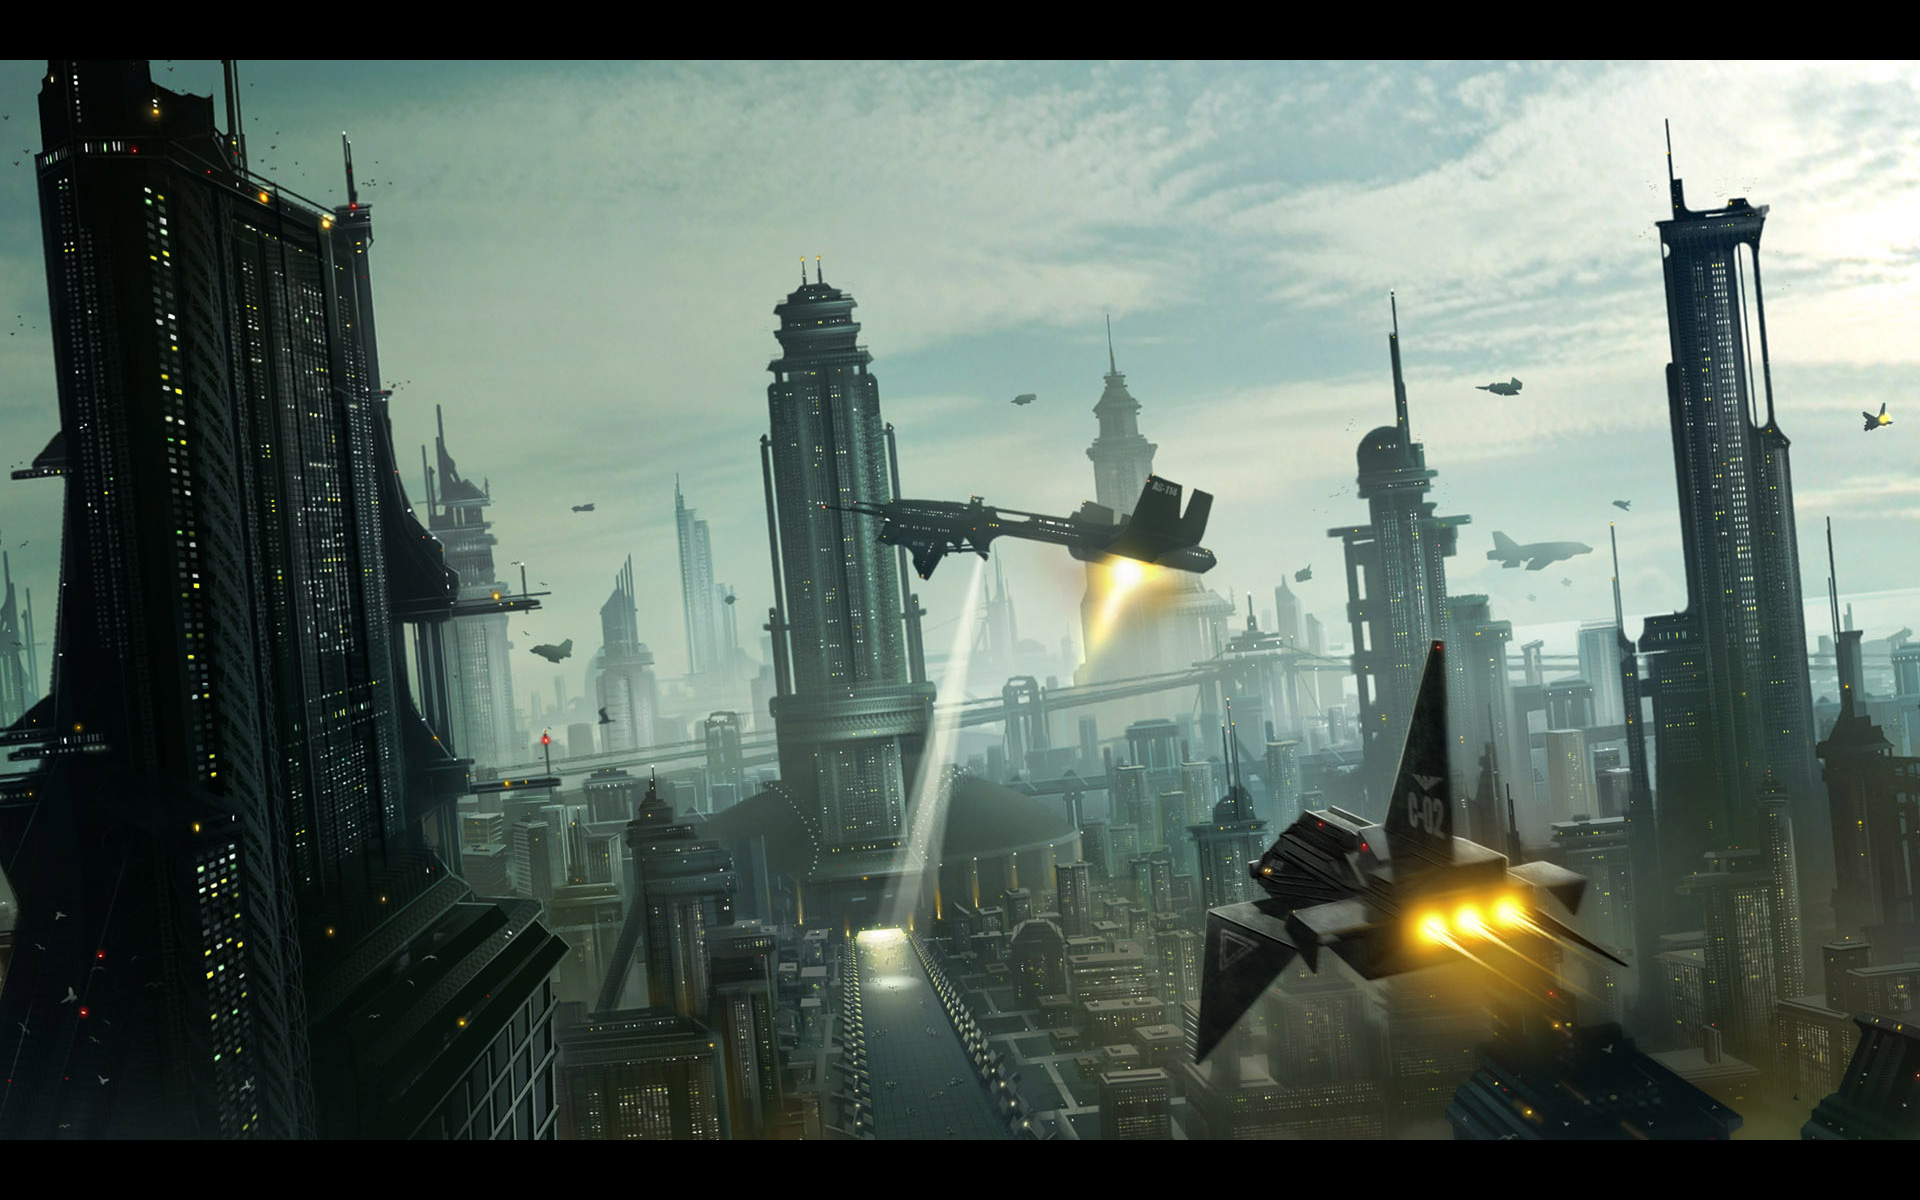 cityscapes futuristic wallpaper 1900x1041 - photo #26